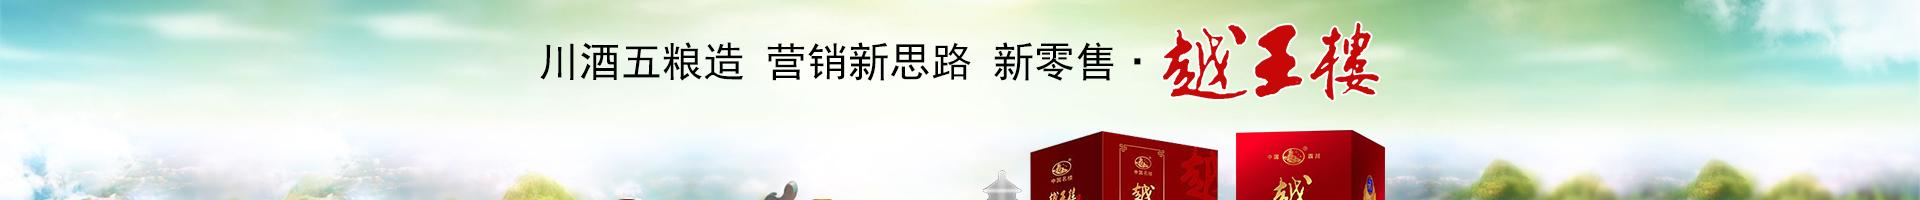 四川绵阳越王楼酒业有限公司